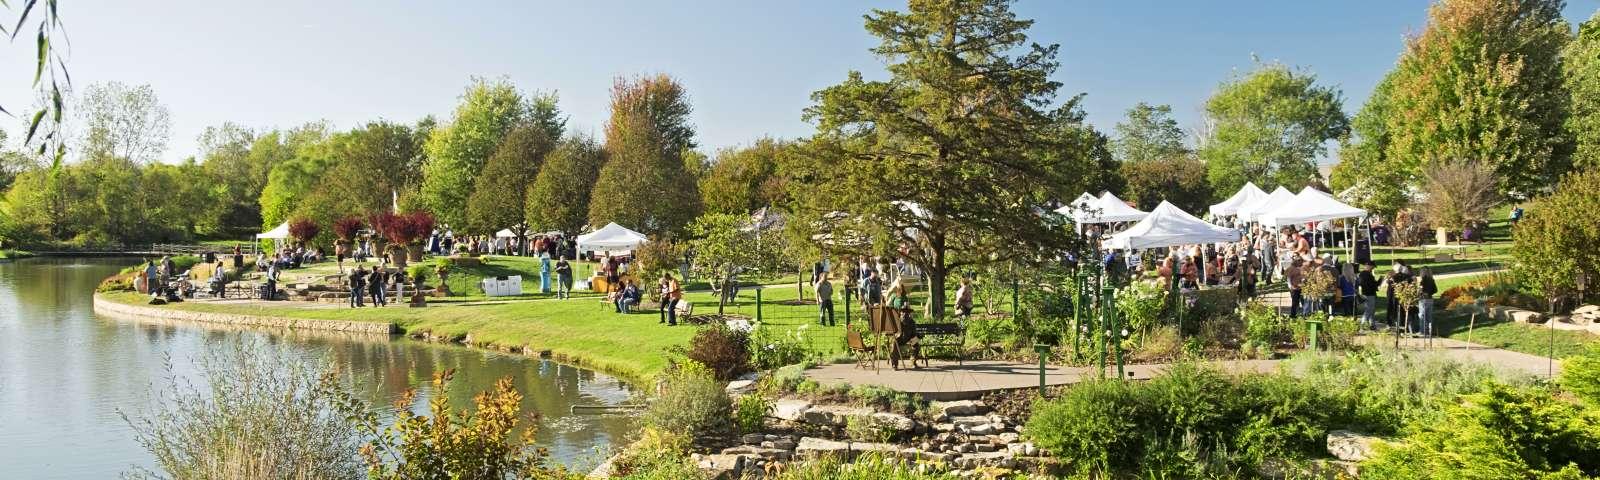 Arboretum Brewfest